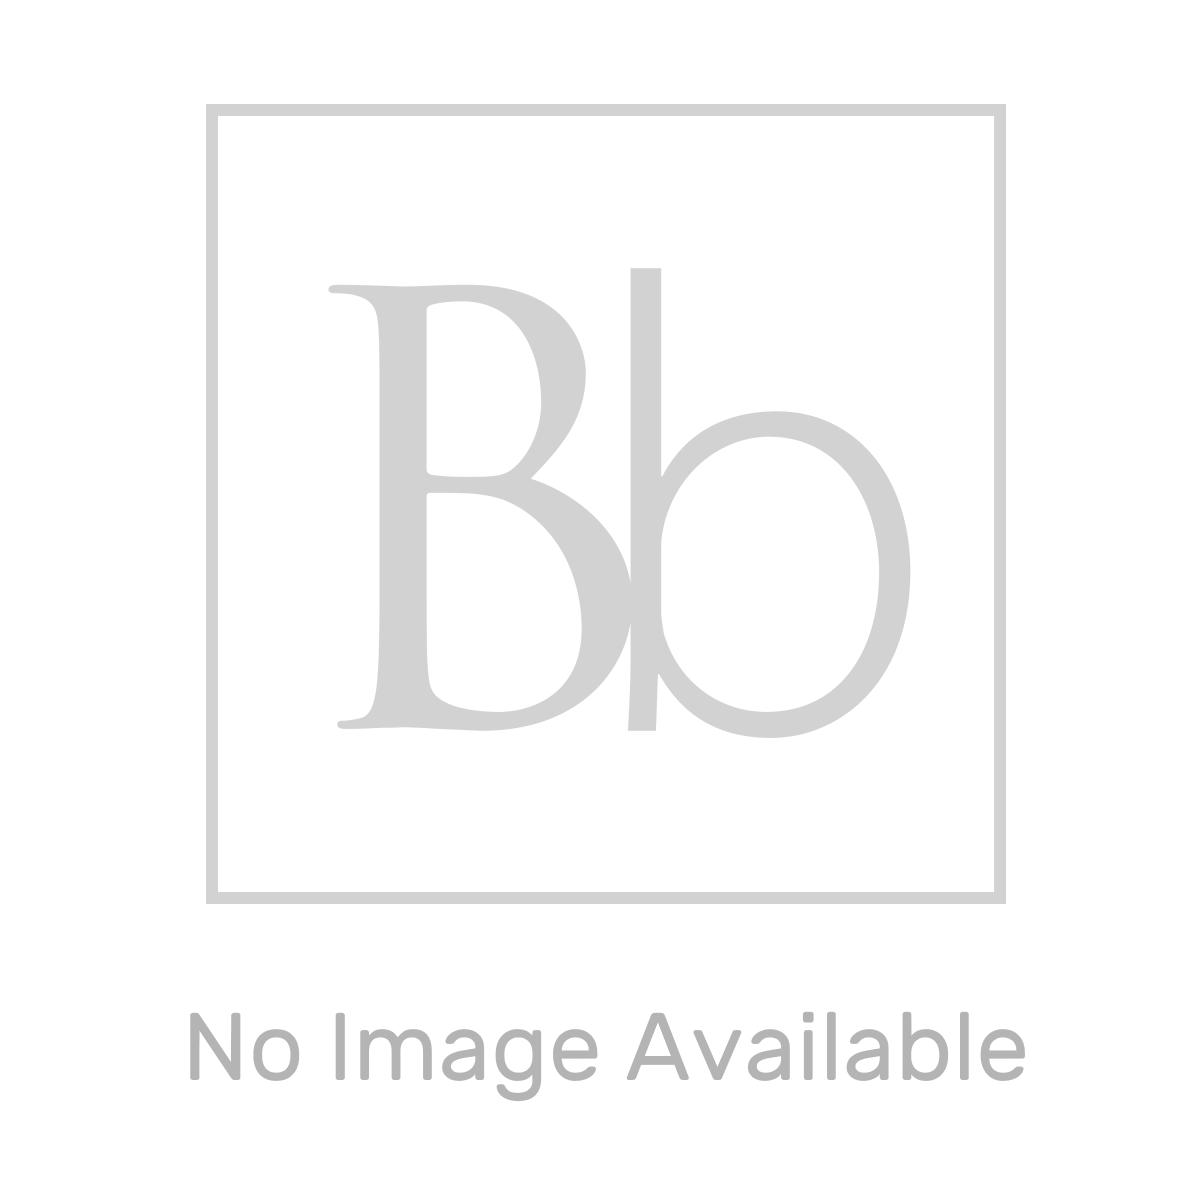 Cassellie Kass Gloss White Wall Hung Mirror 850mm